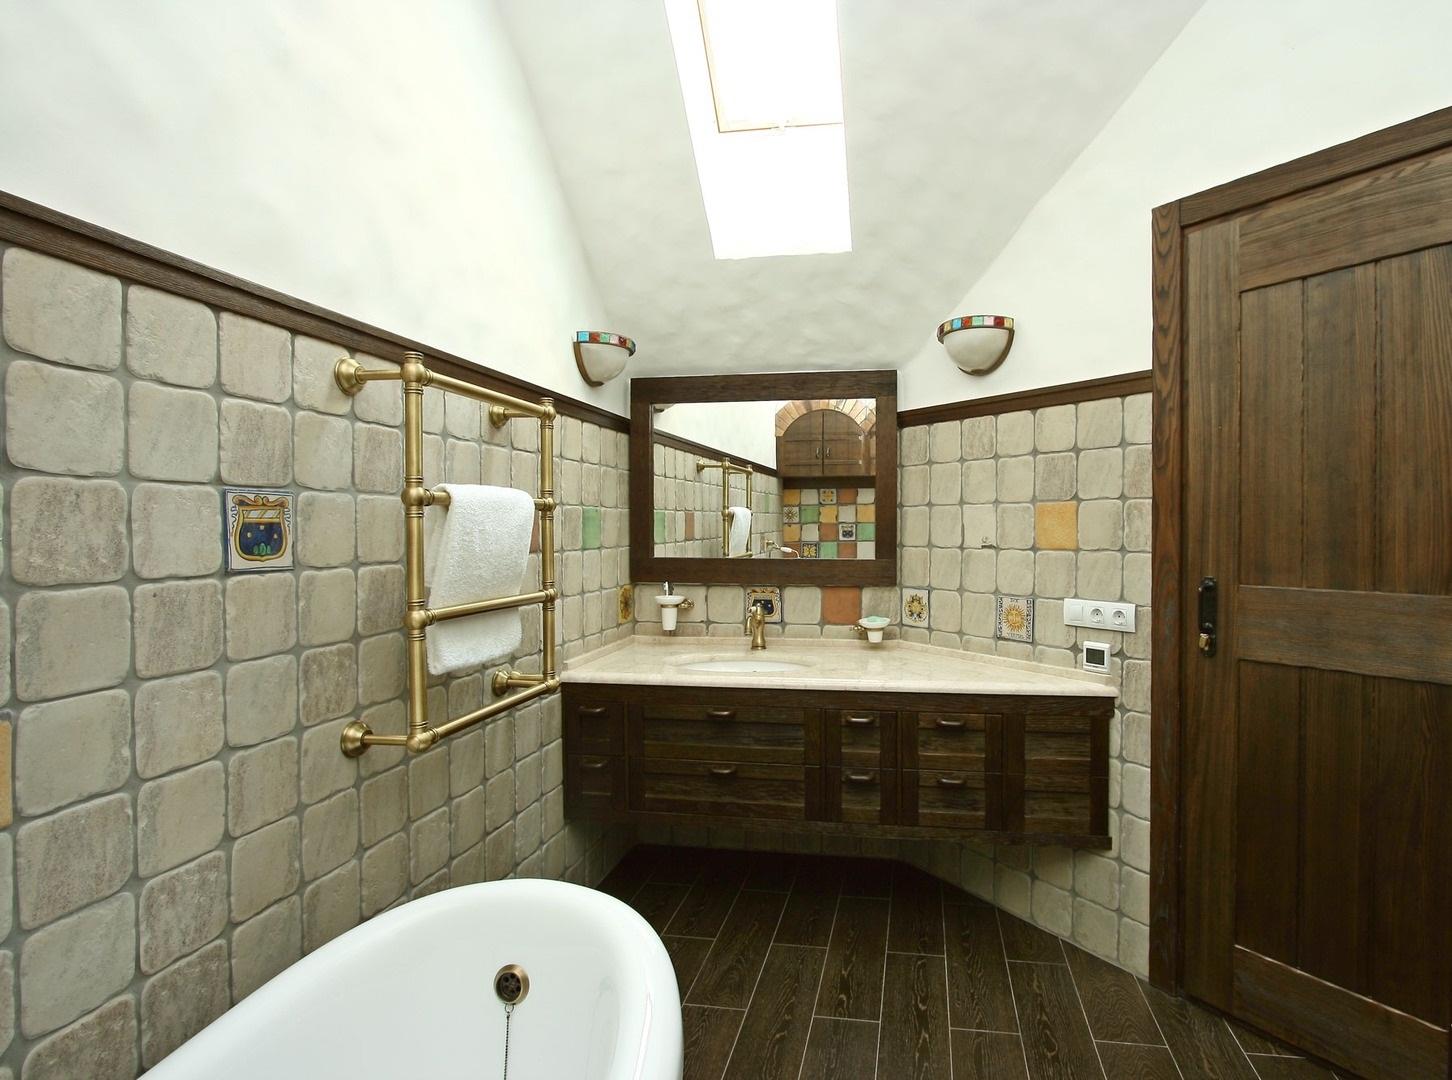 Если ванная сужается и при этом имеет неправильную геометрию, то удачным вариантом станет размещение умывальника между двух углов у самой узкой стены